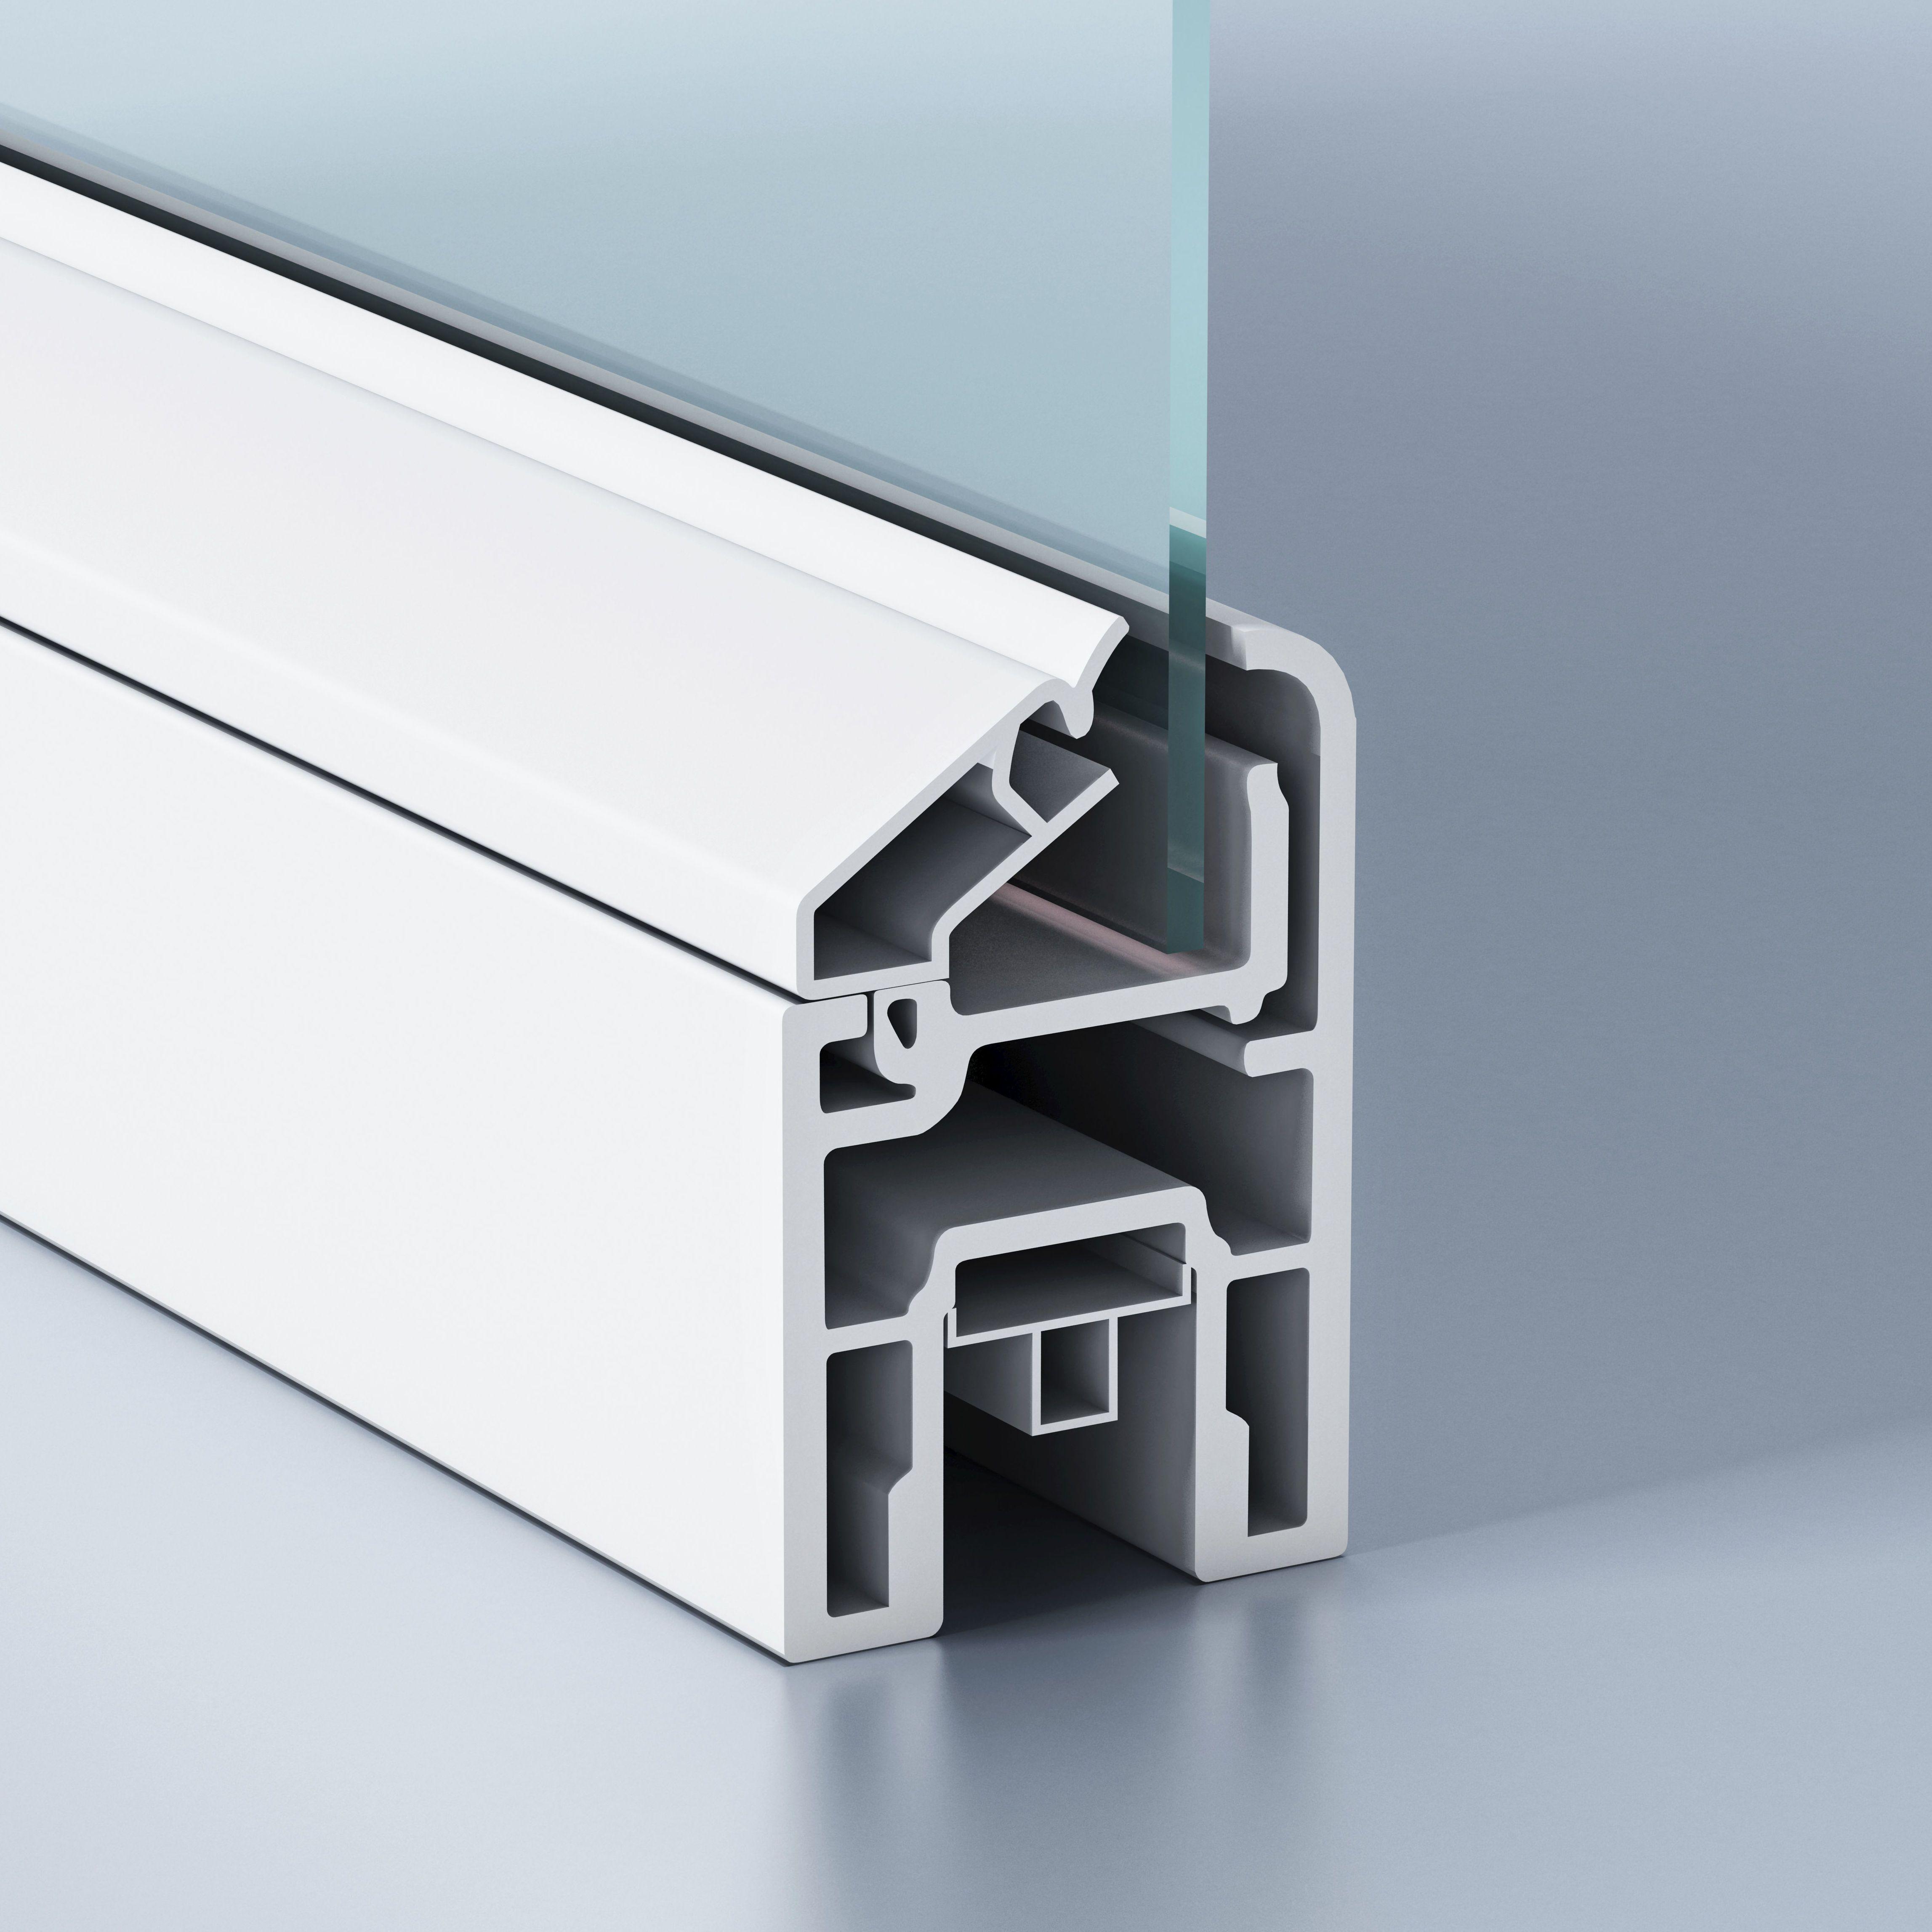 Ventanas aluminio o pvc precios with ventanas aluminio o - Precios ventanas pvc climalit ...